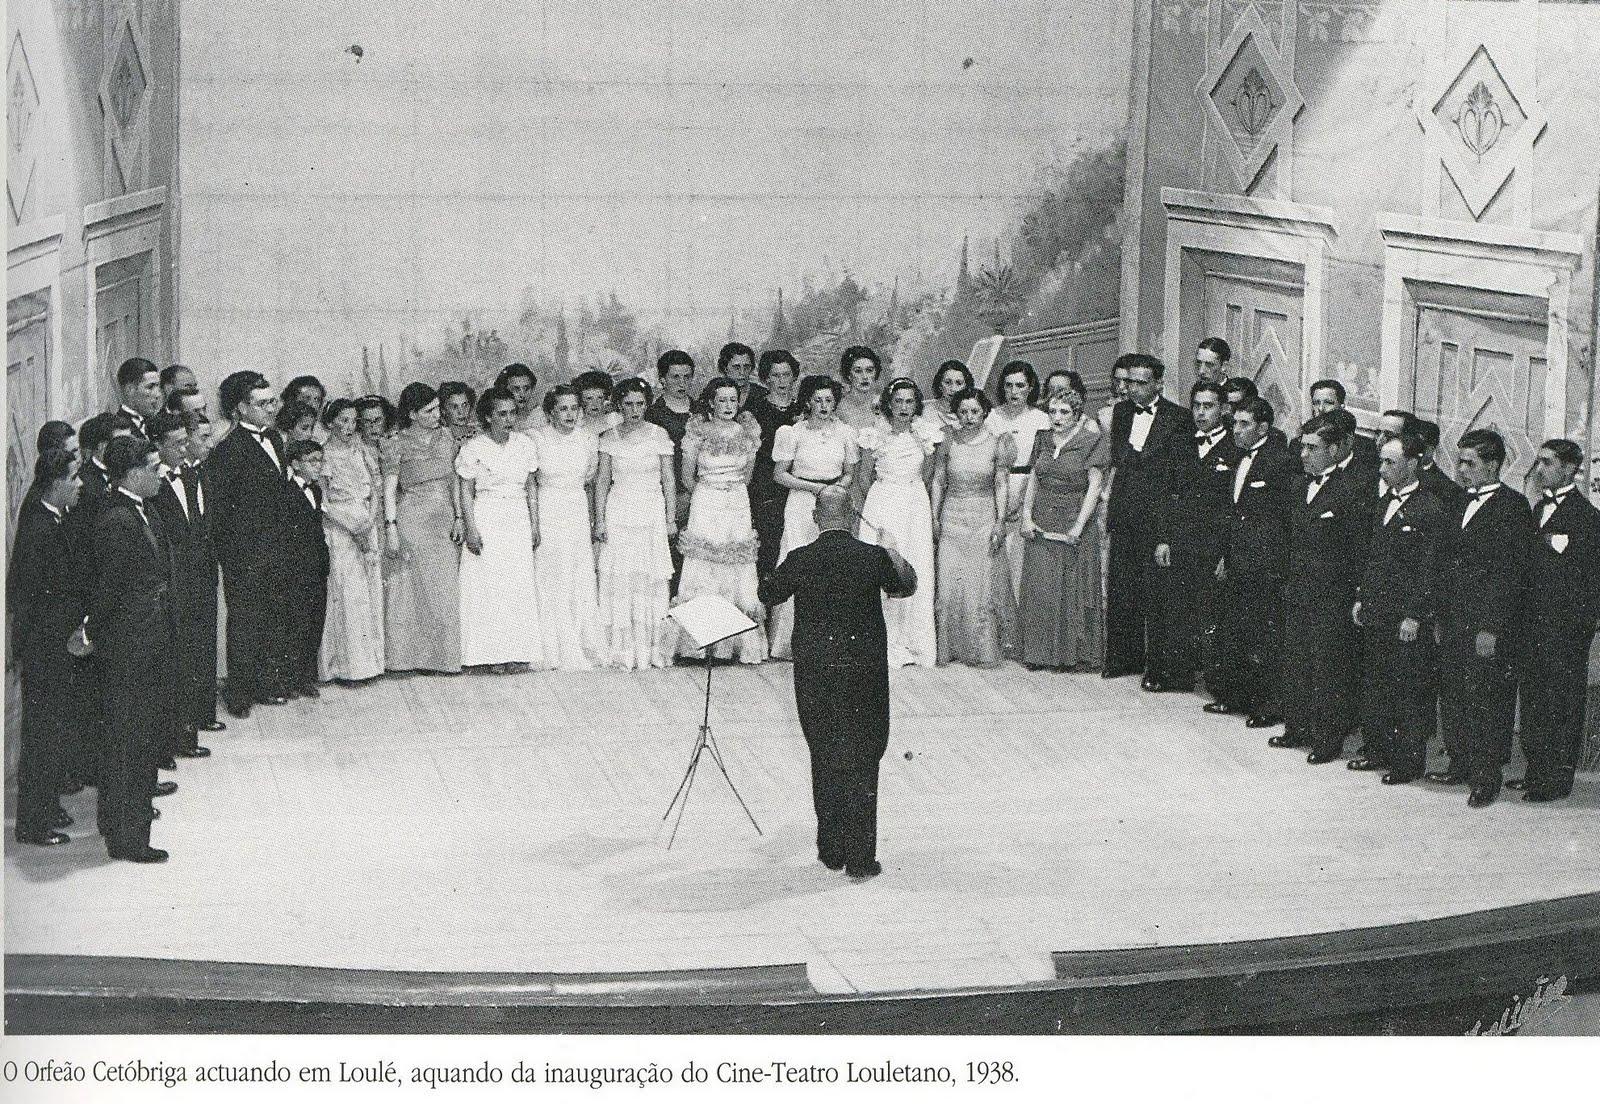 Conjuntos de set bal m sica cl ssica for Musica classica